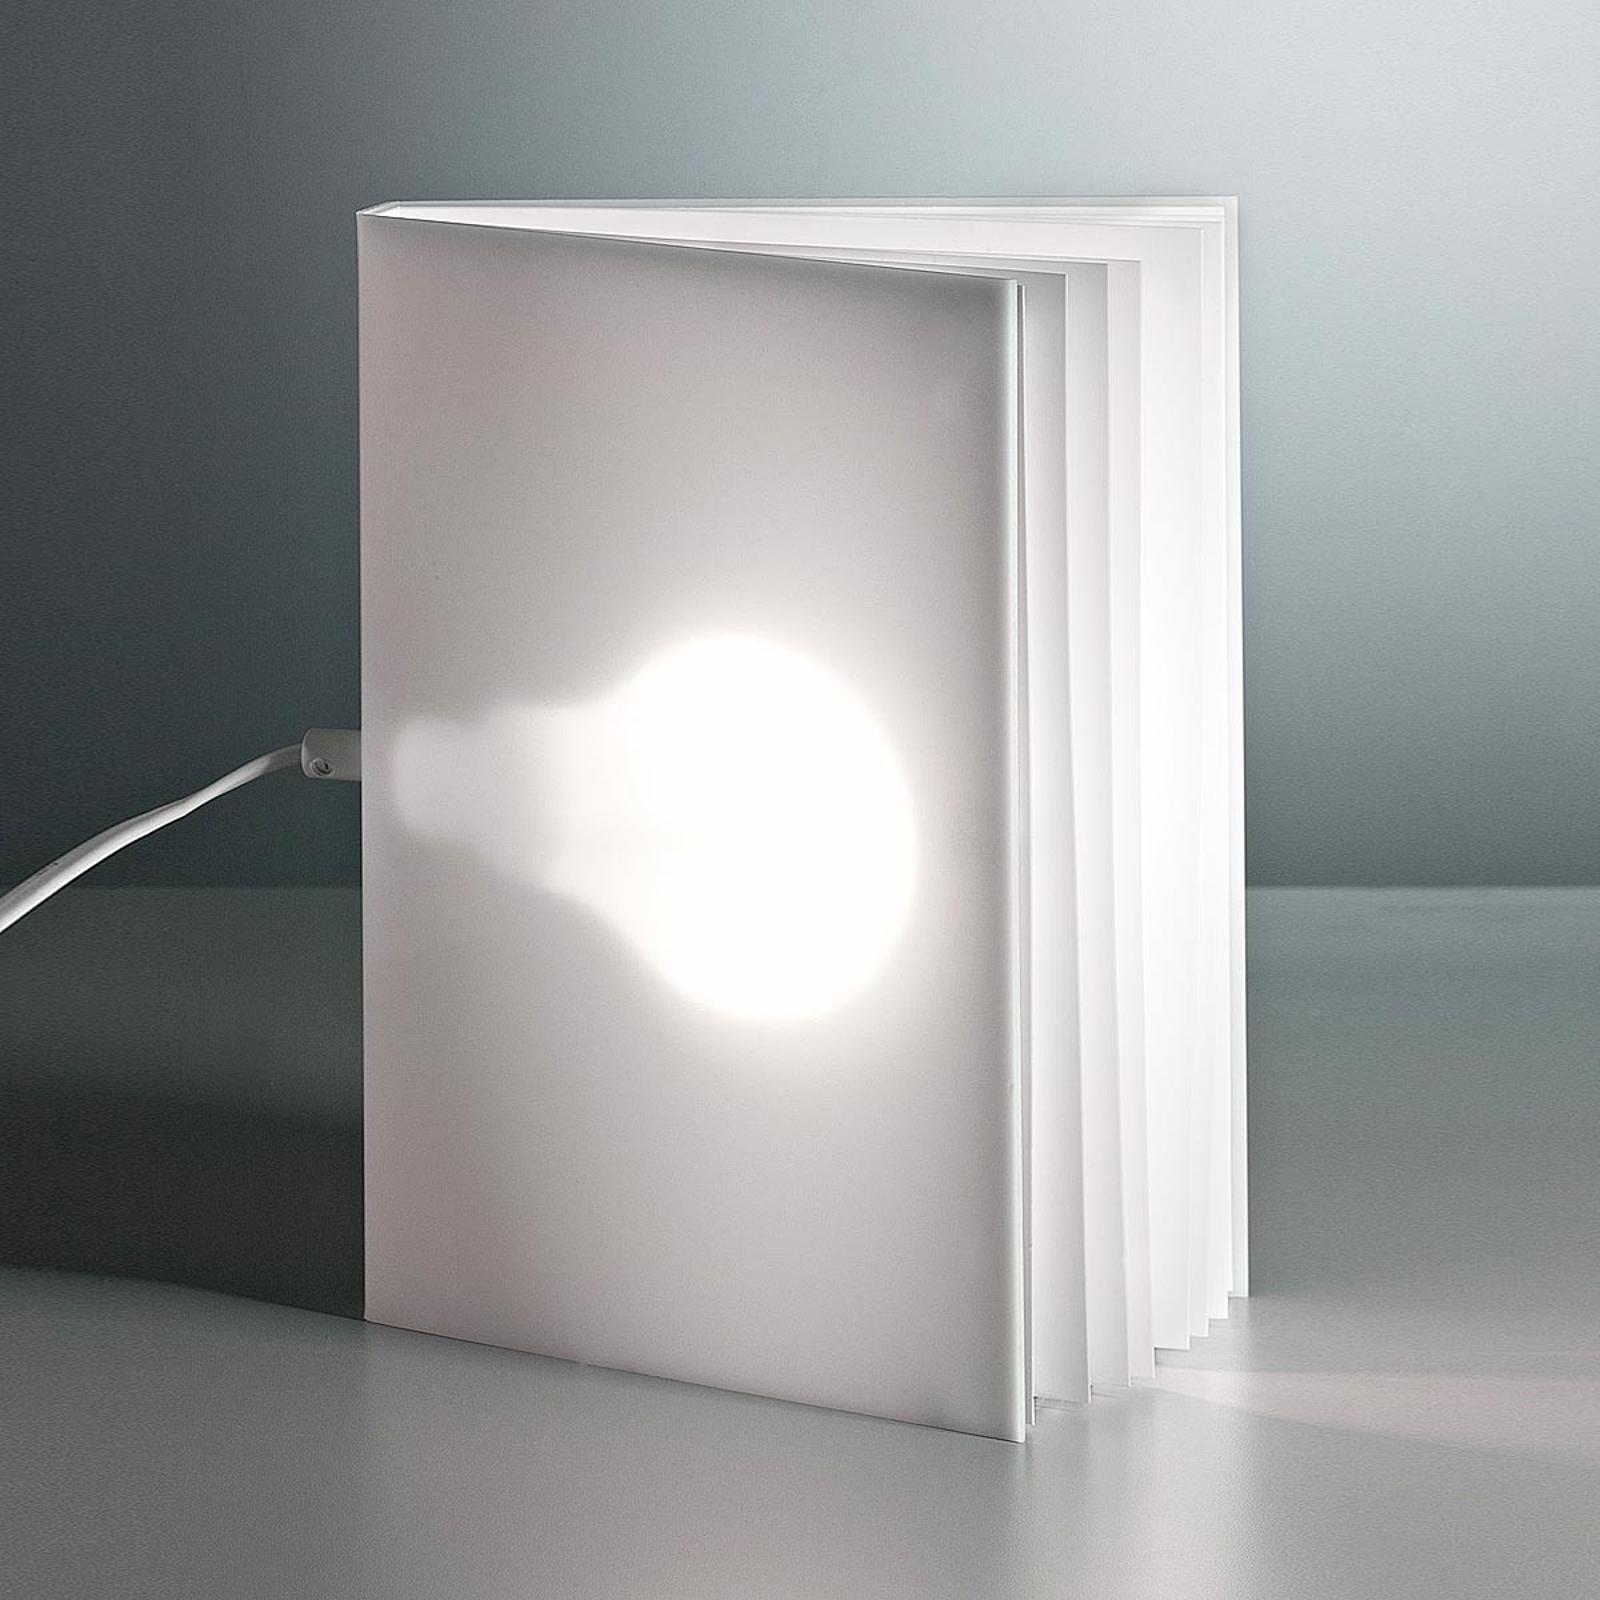 Tecnolumen BookLight bordlampe av Vincenz Warnke